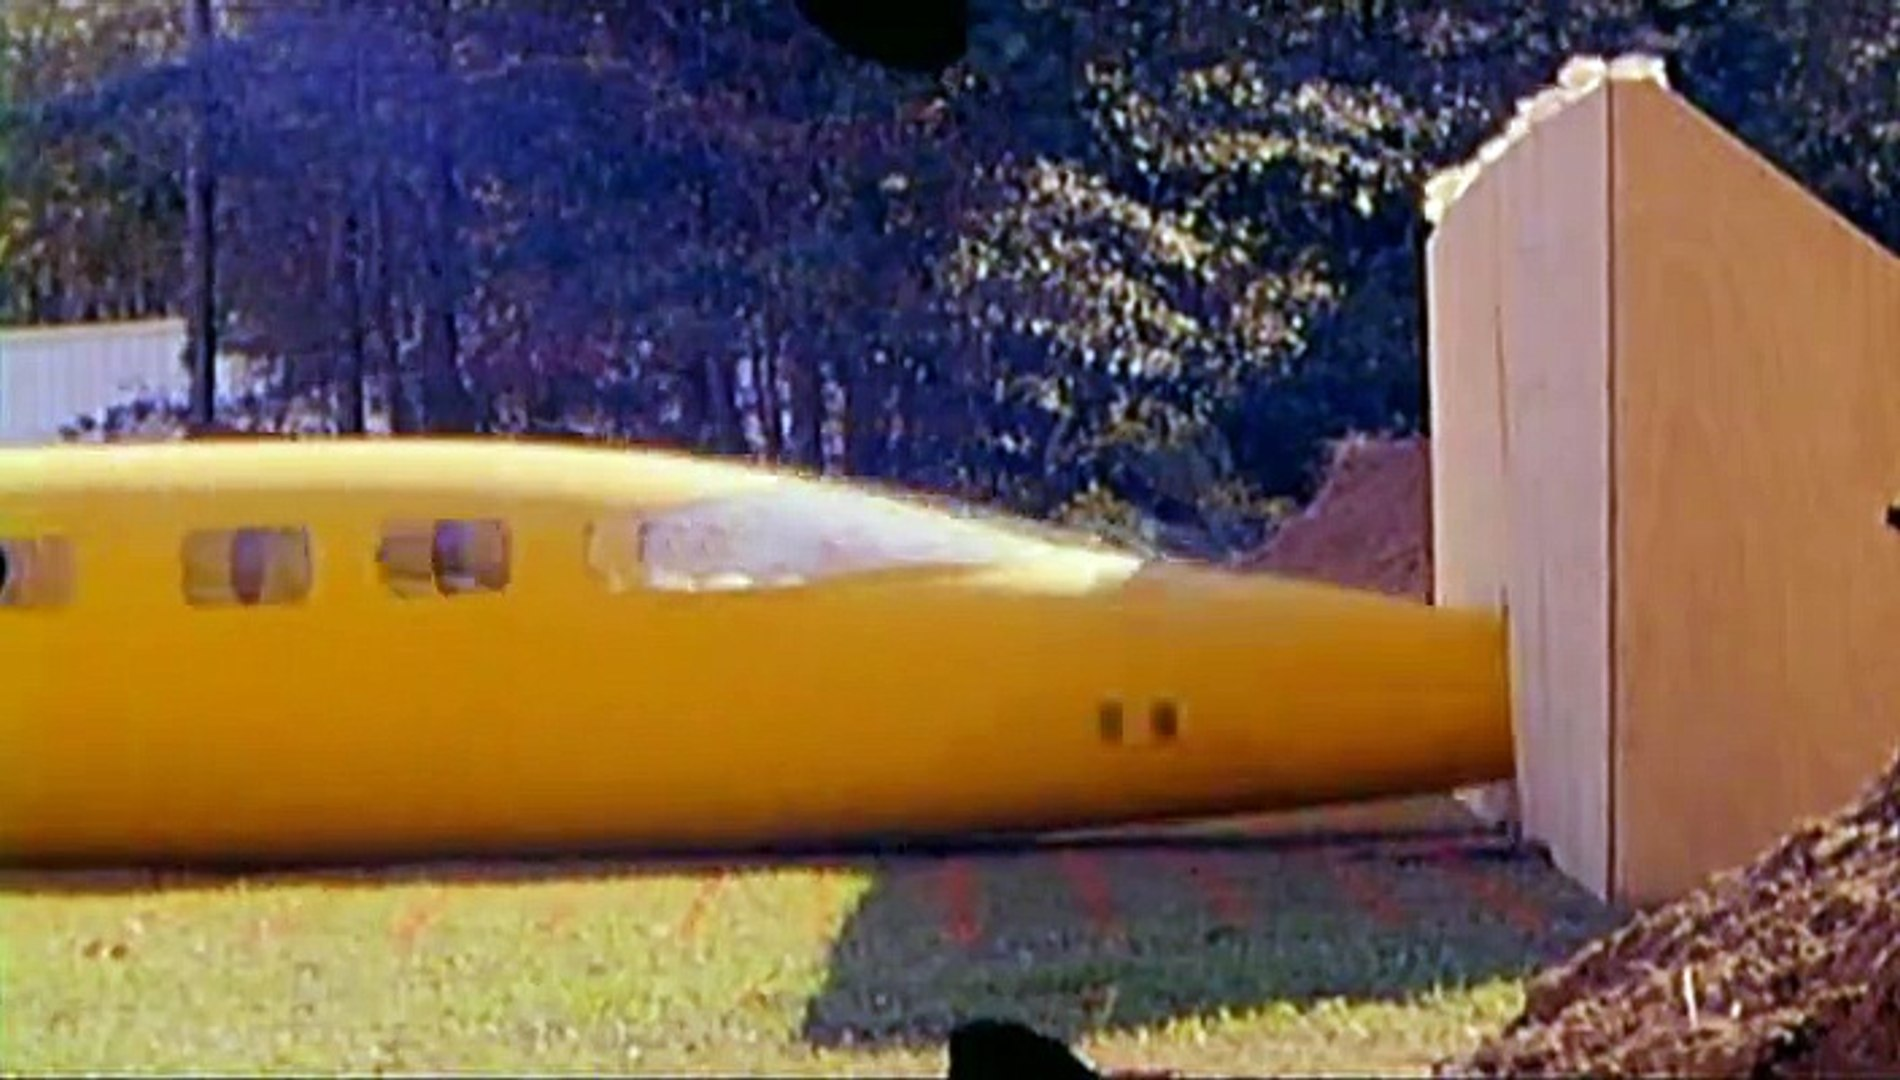 Air crash Investigation Singapore Airlines 006 (SQ006/SIA006)